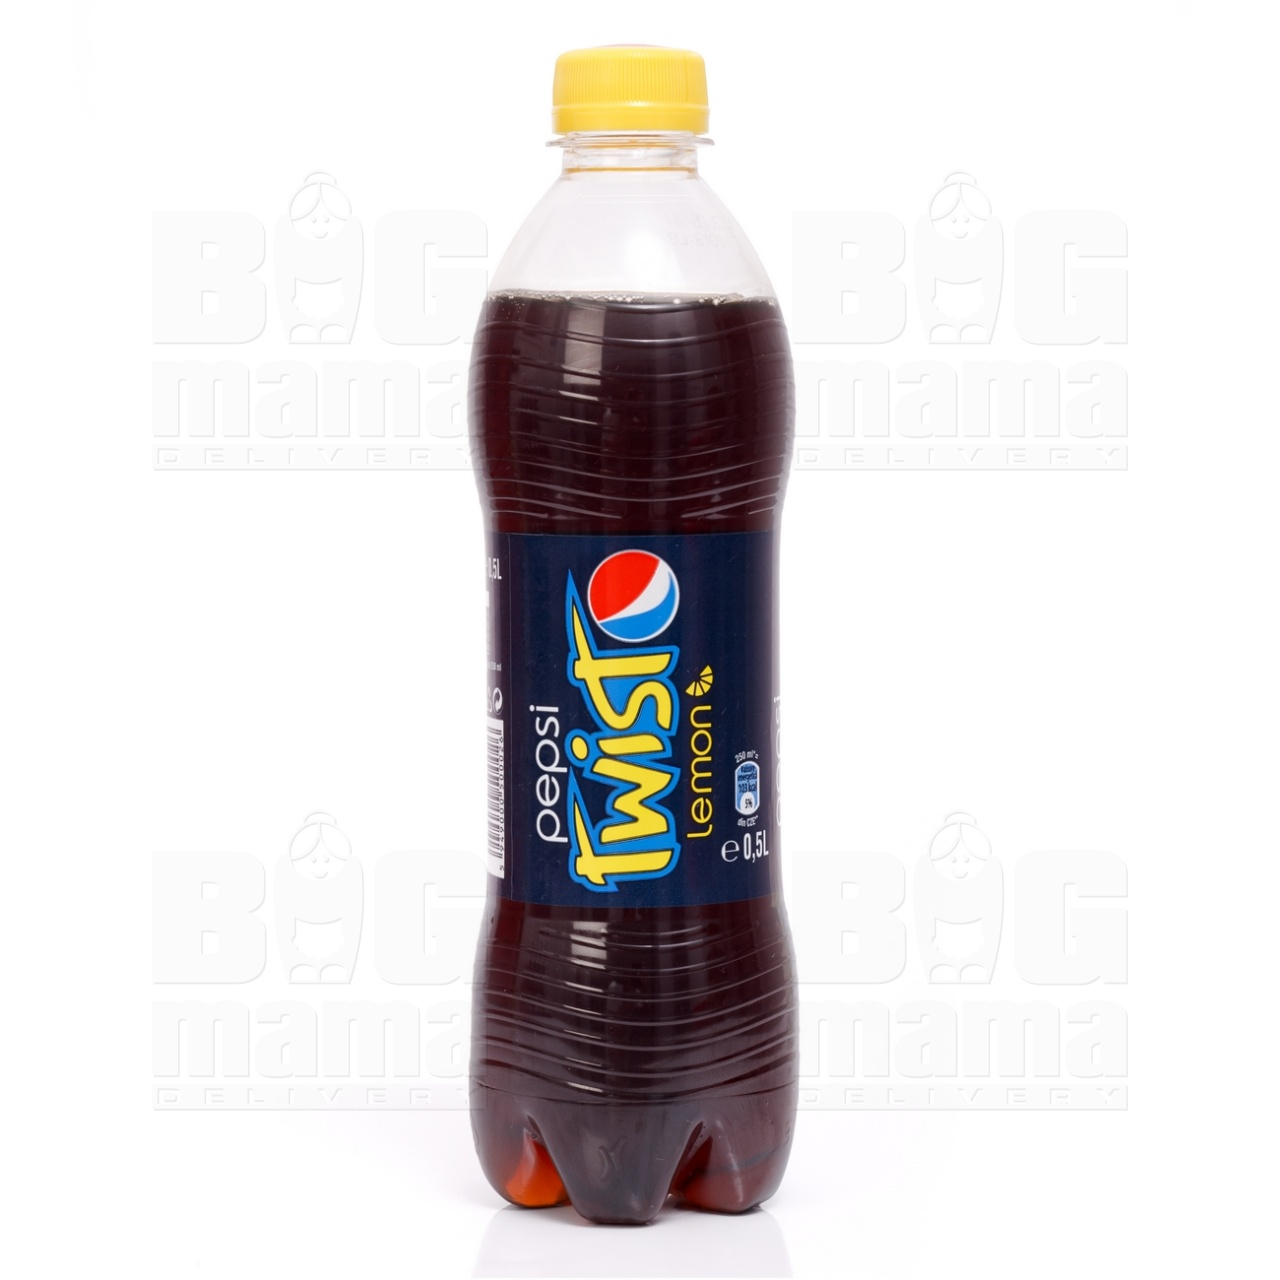 Product #115 image - Pepsi Twist Lemon, 0,5L